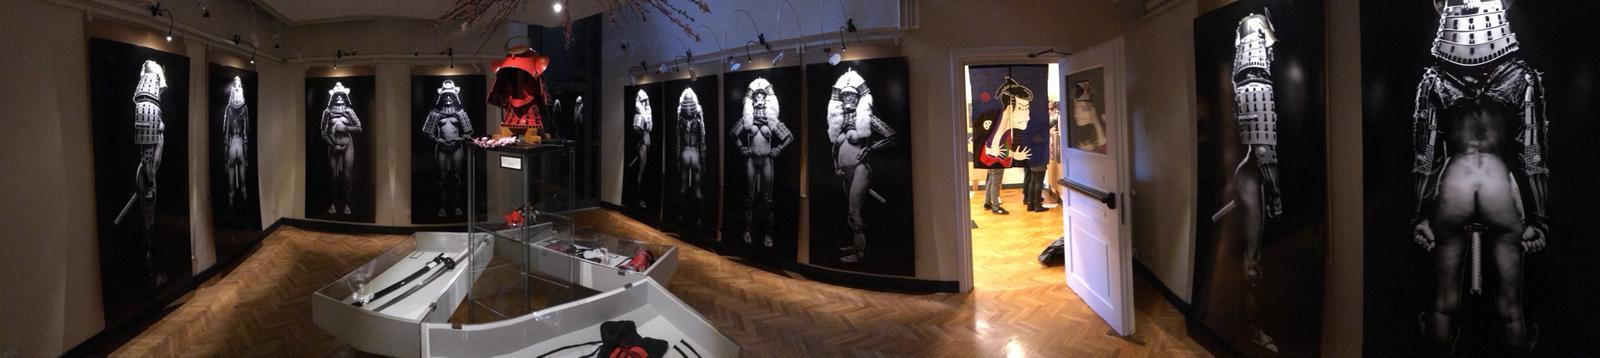 Installation view della mostra di Luca Vecchi a Palazzo Besso, Roma